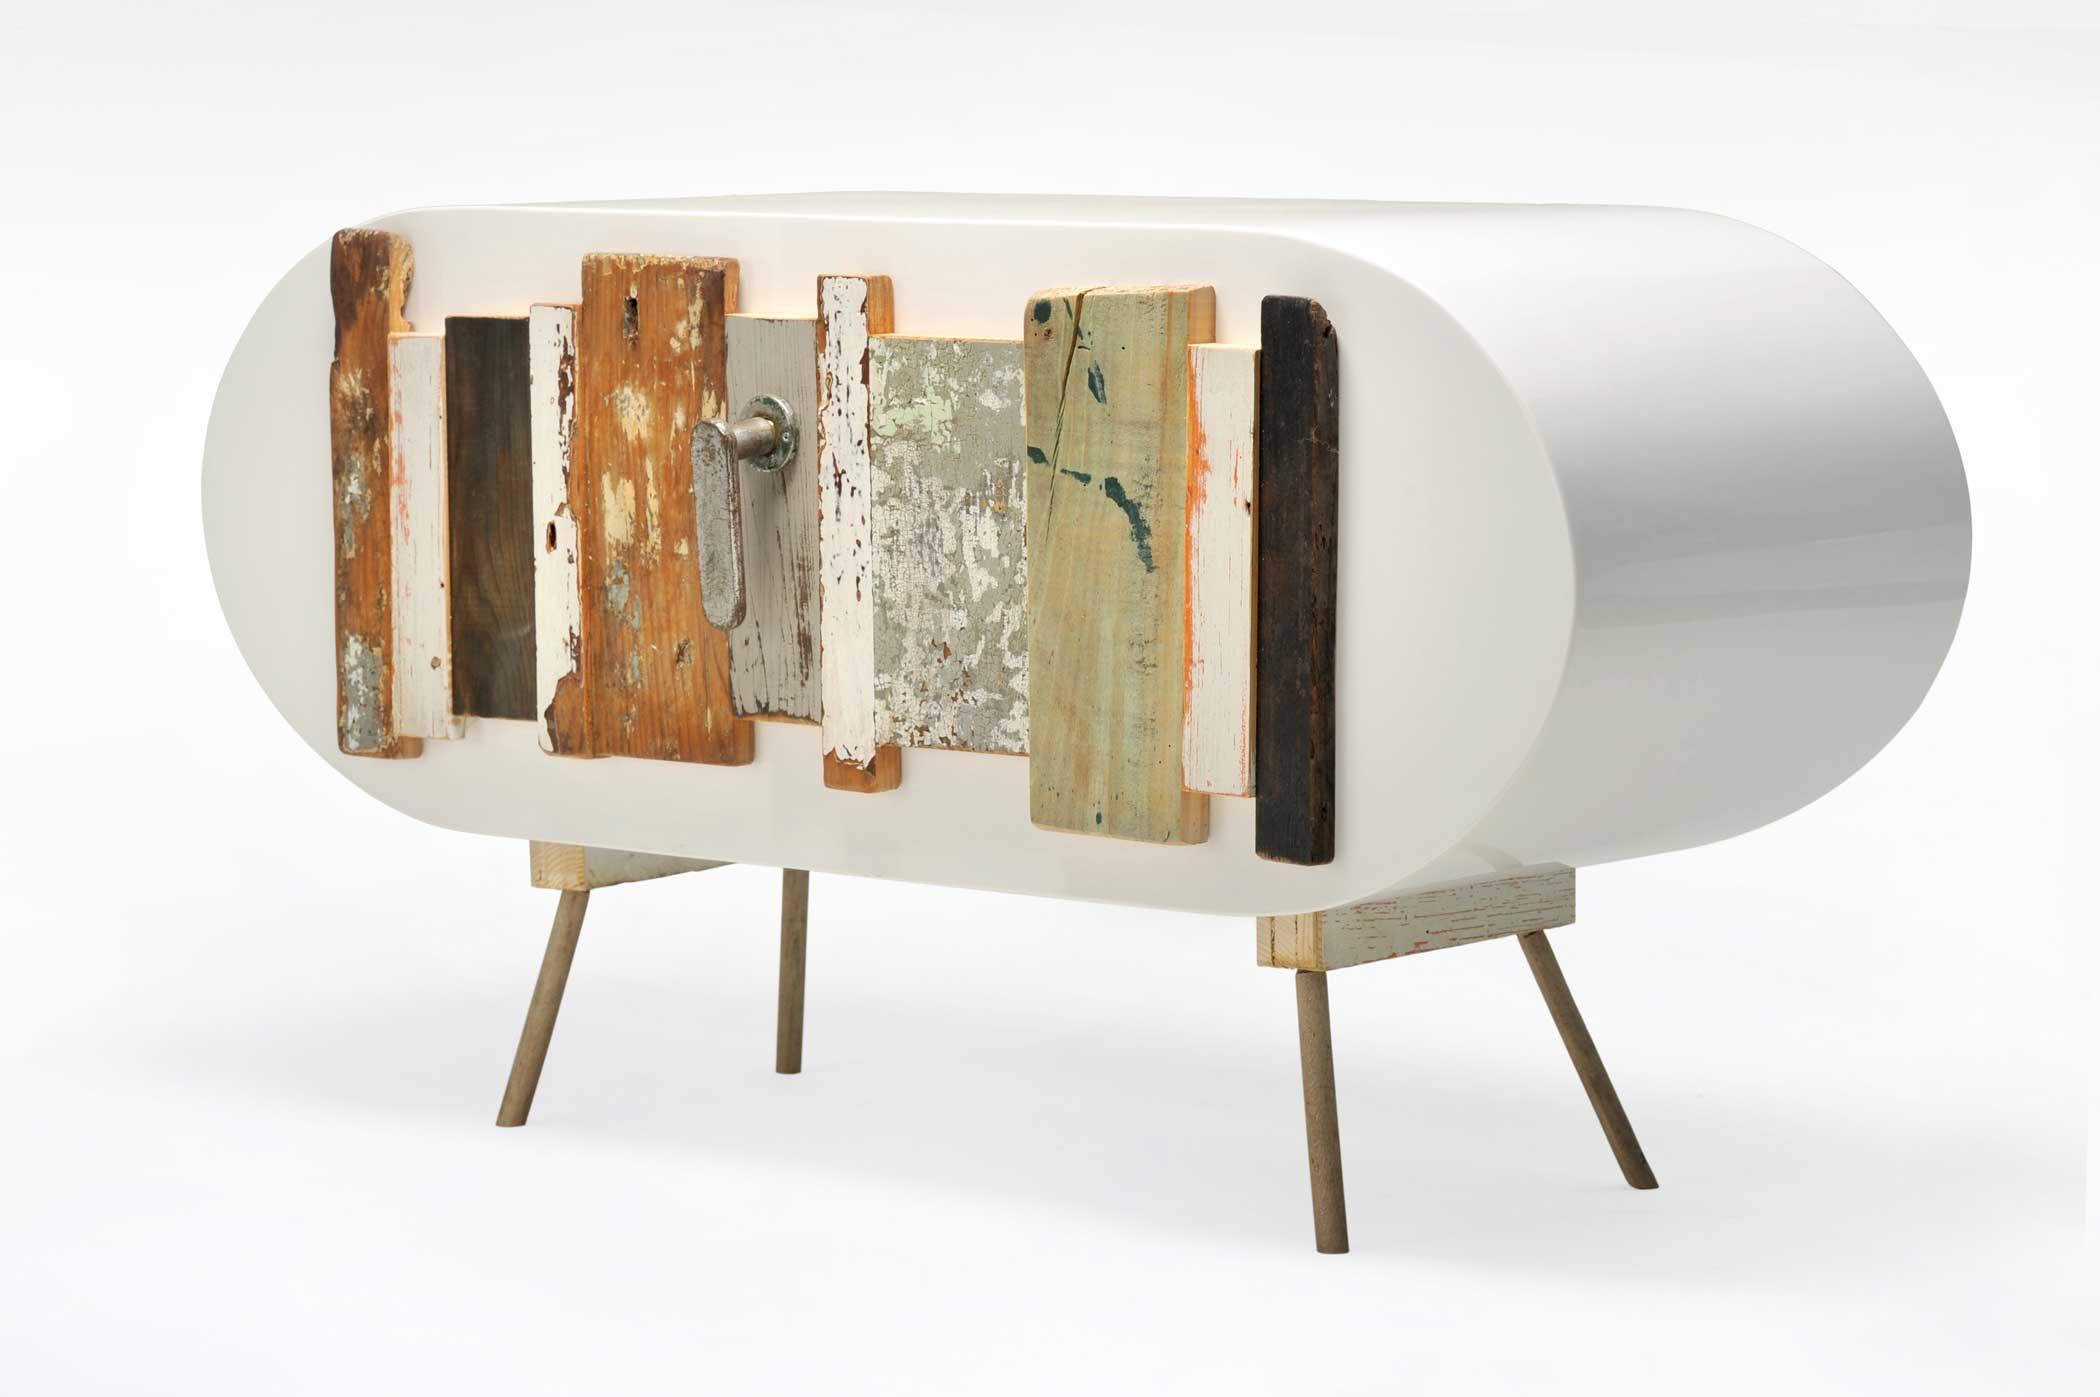 Cassettiera Denti: cassettiera credenza con cassetto in multiflex laccato bianco e cassettone in legno di recupero